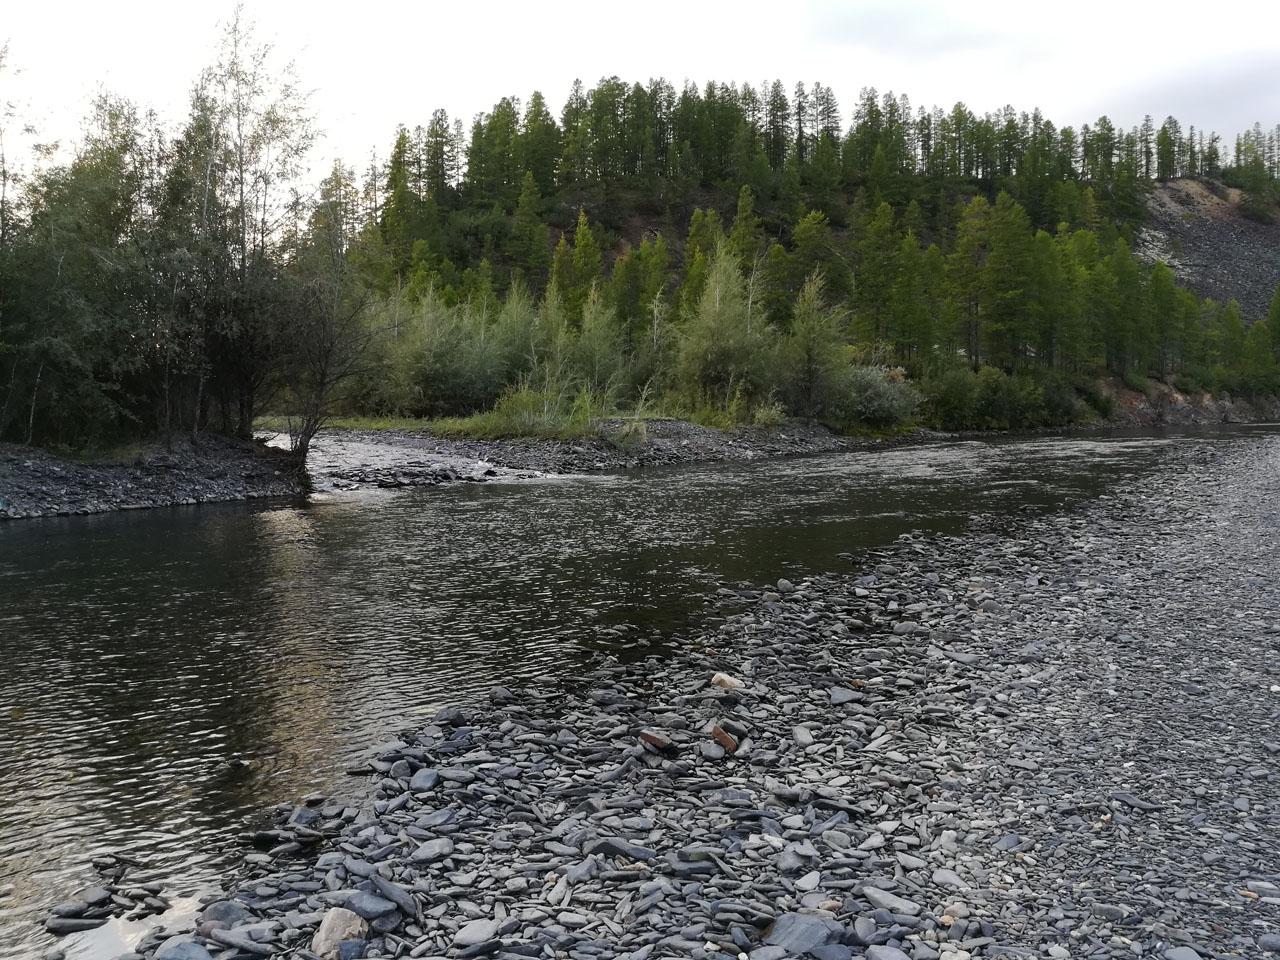 Слияние реки Нил и реки Очисчан.